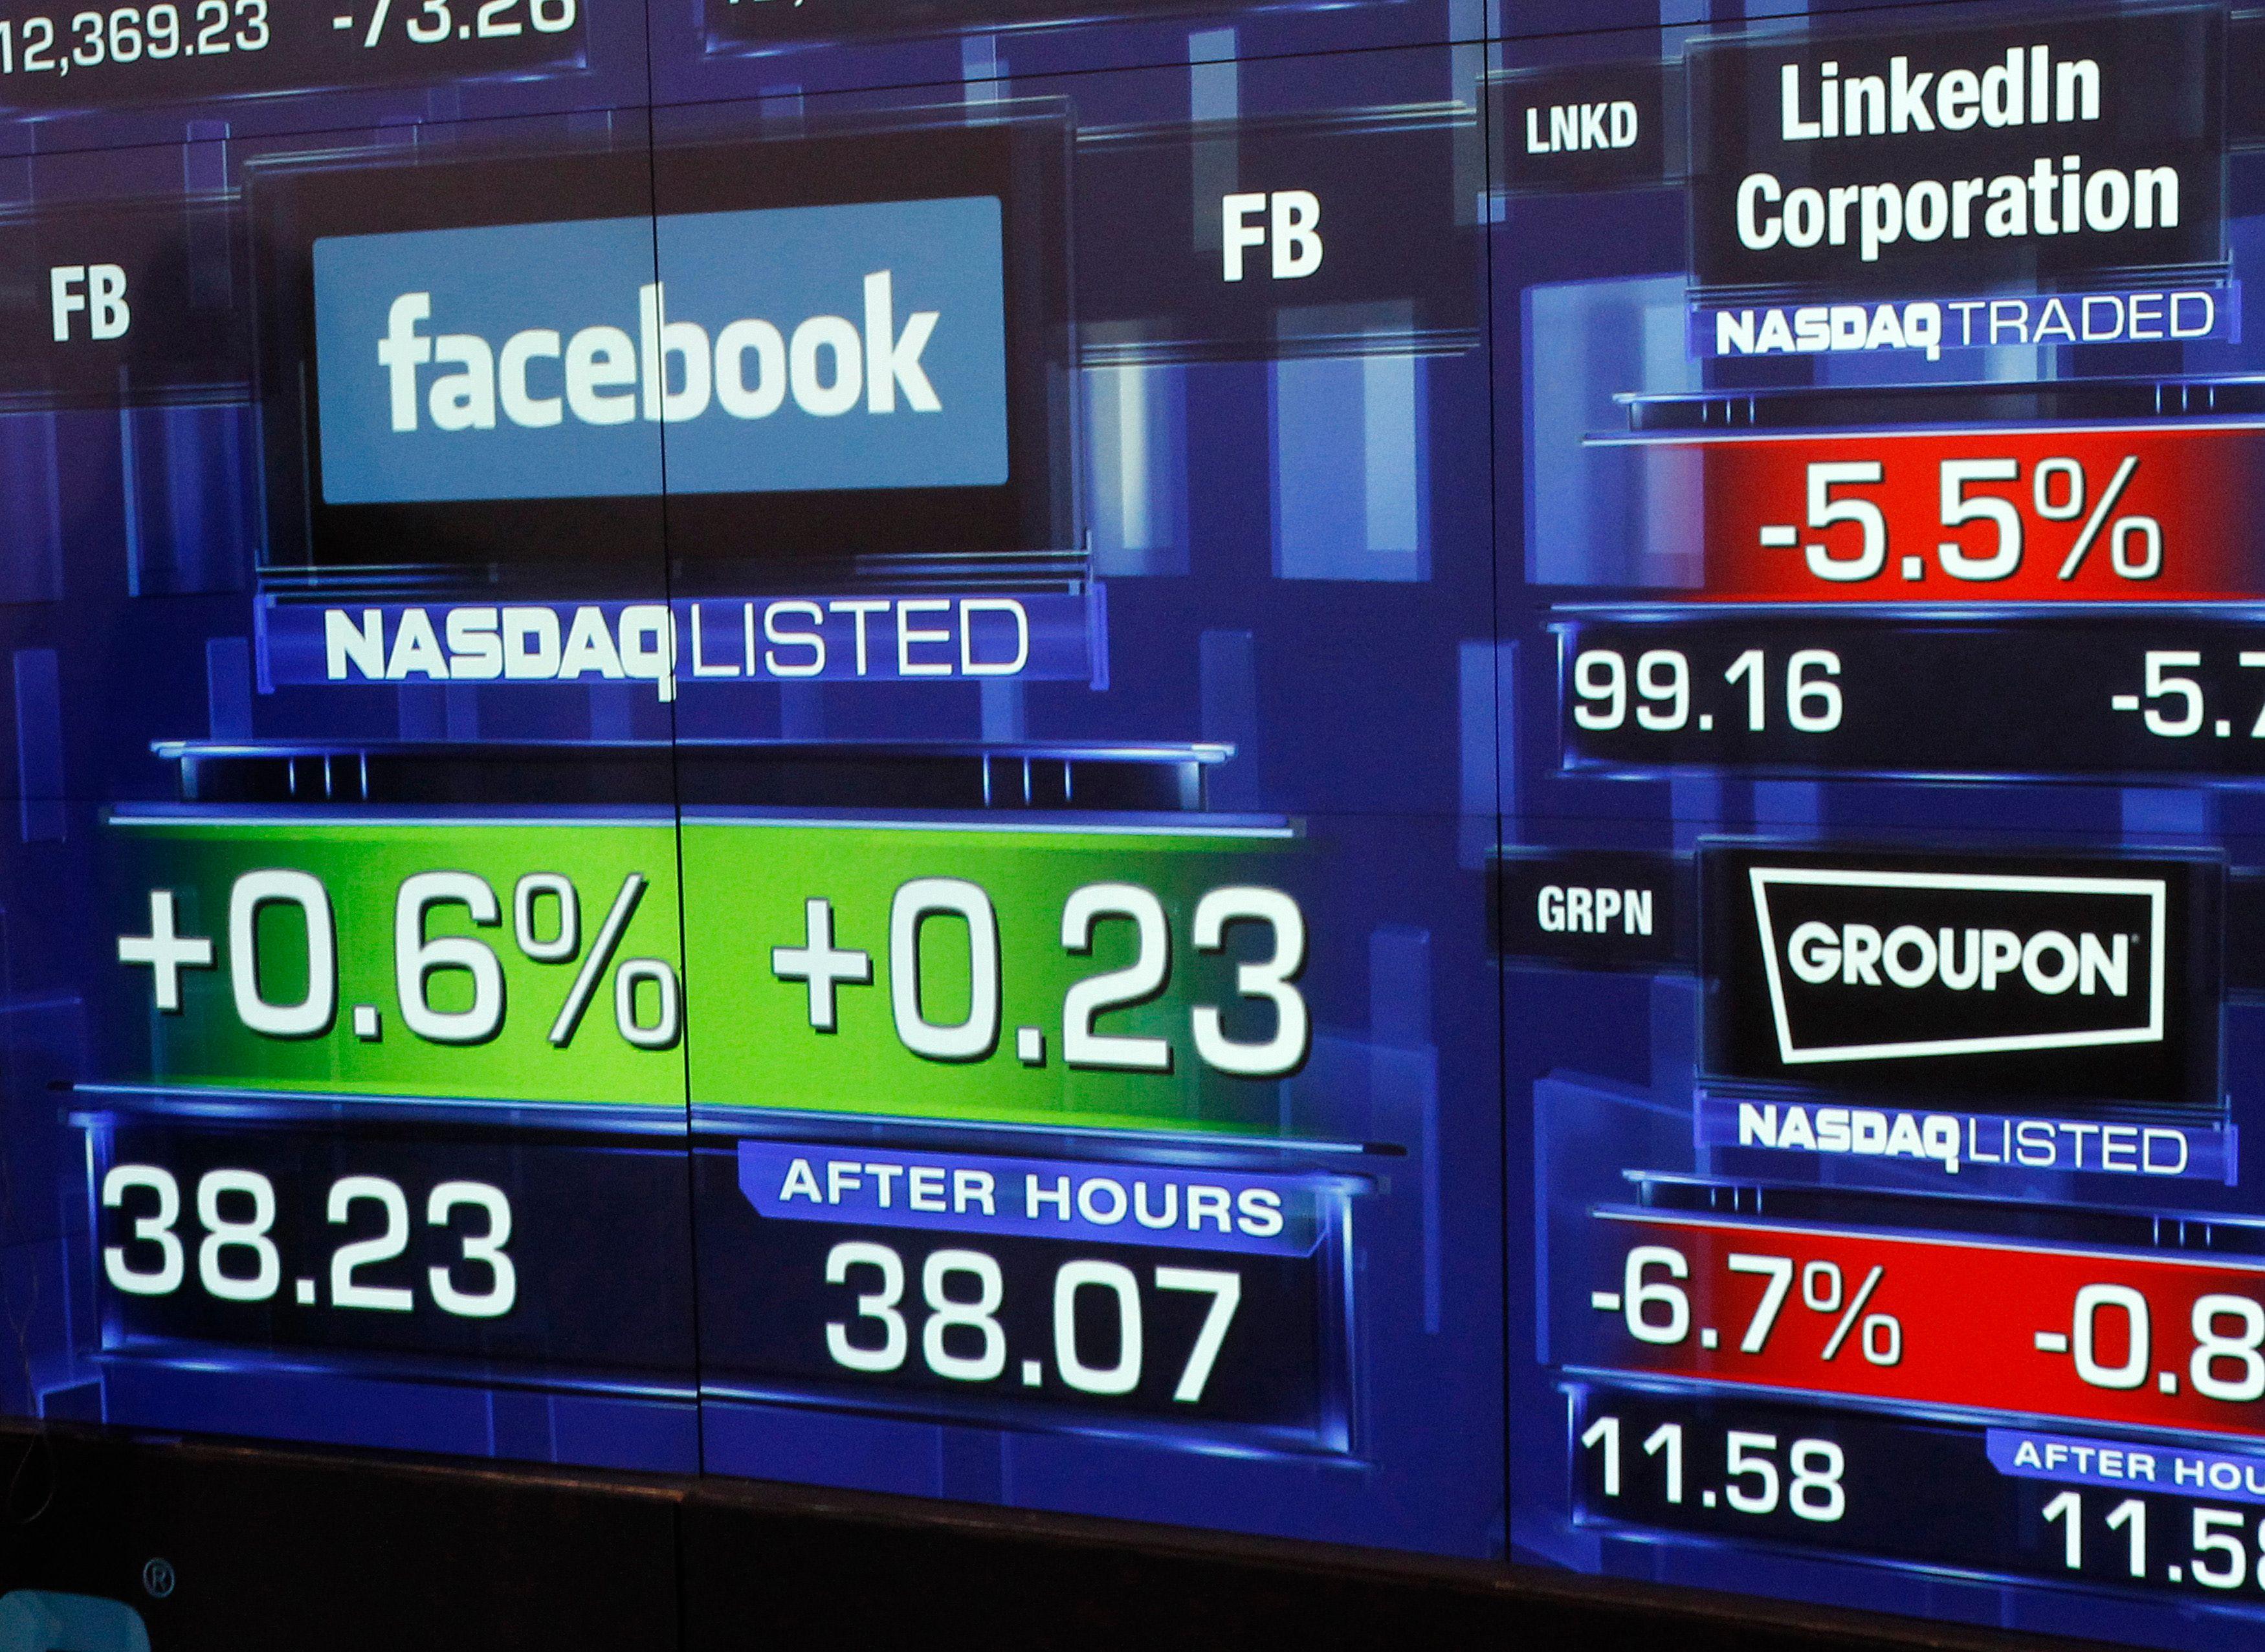 Les marchés veillent. C'est pourquoi l'application a été retirée le 25. Pour la première fois depuis l'introduction en bourse, Facebook a dû défendre son projet.